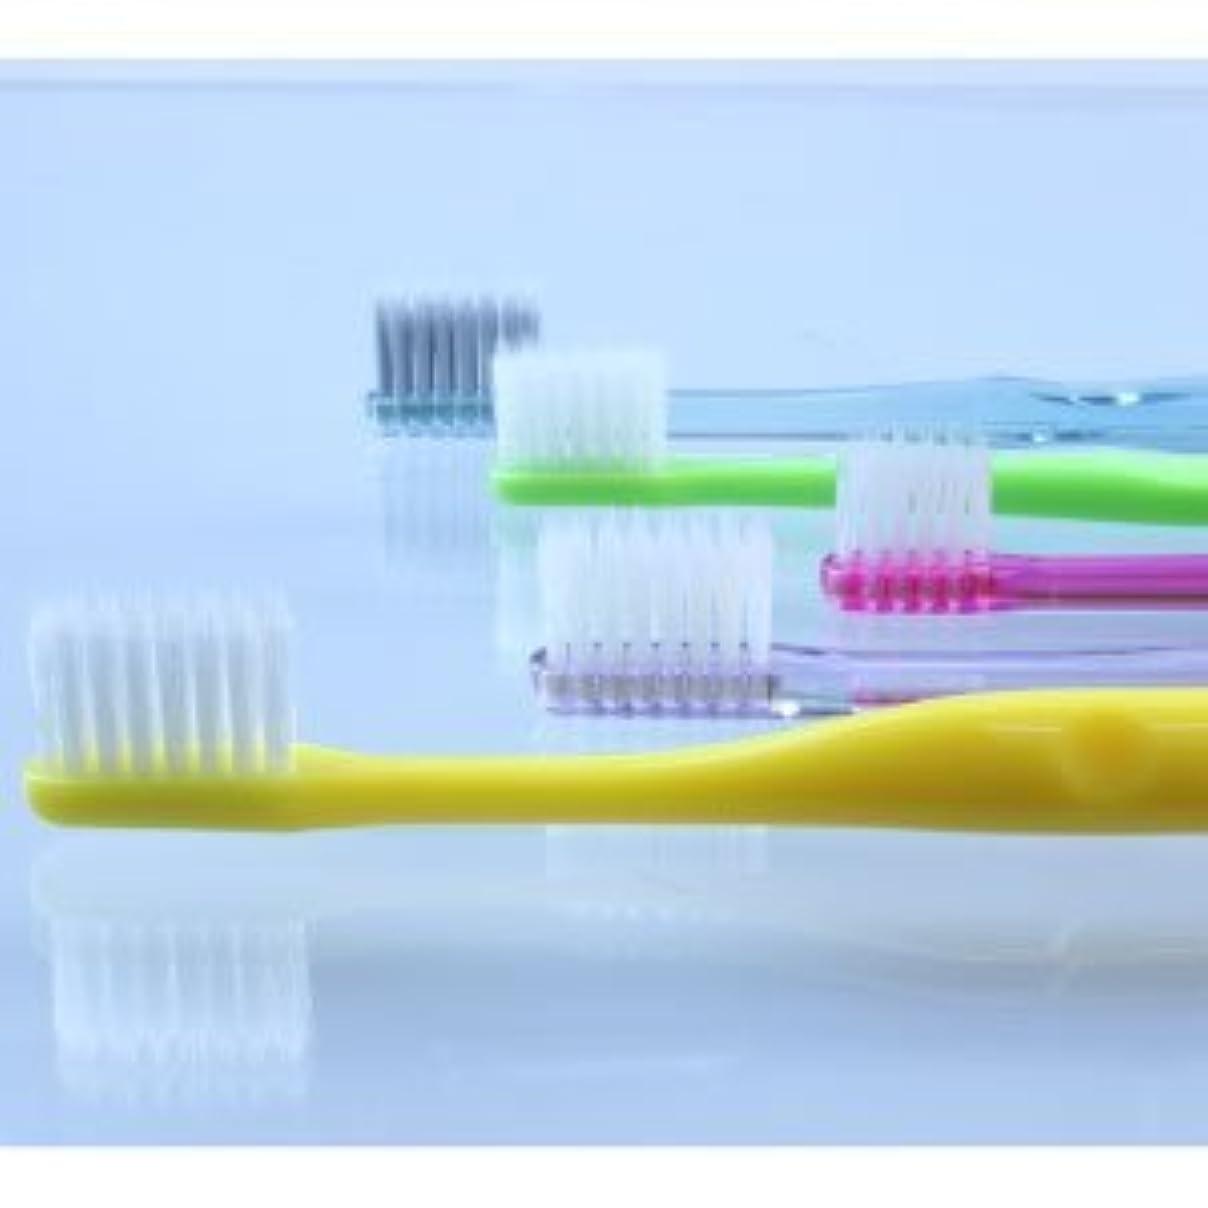 構想する希少性論争の的5種類の『超先細+フラット毛 歯ブラシ』お試しアソートセット